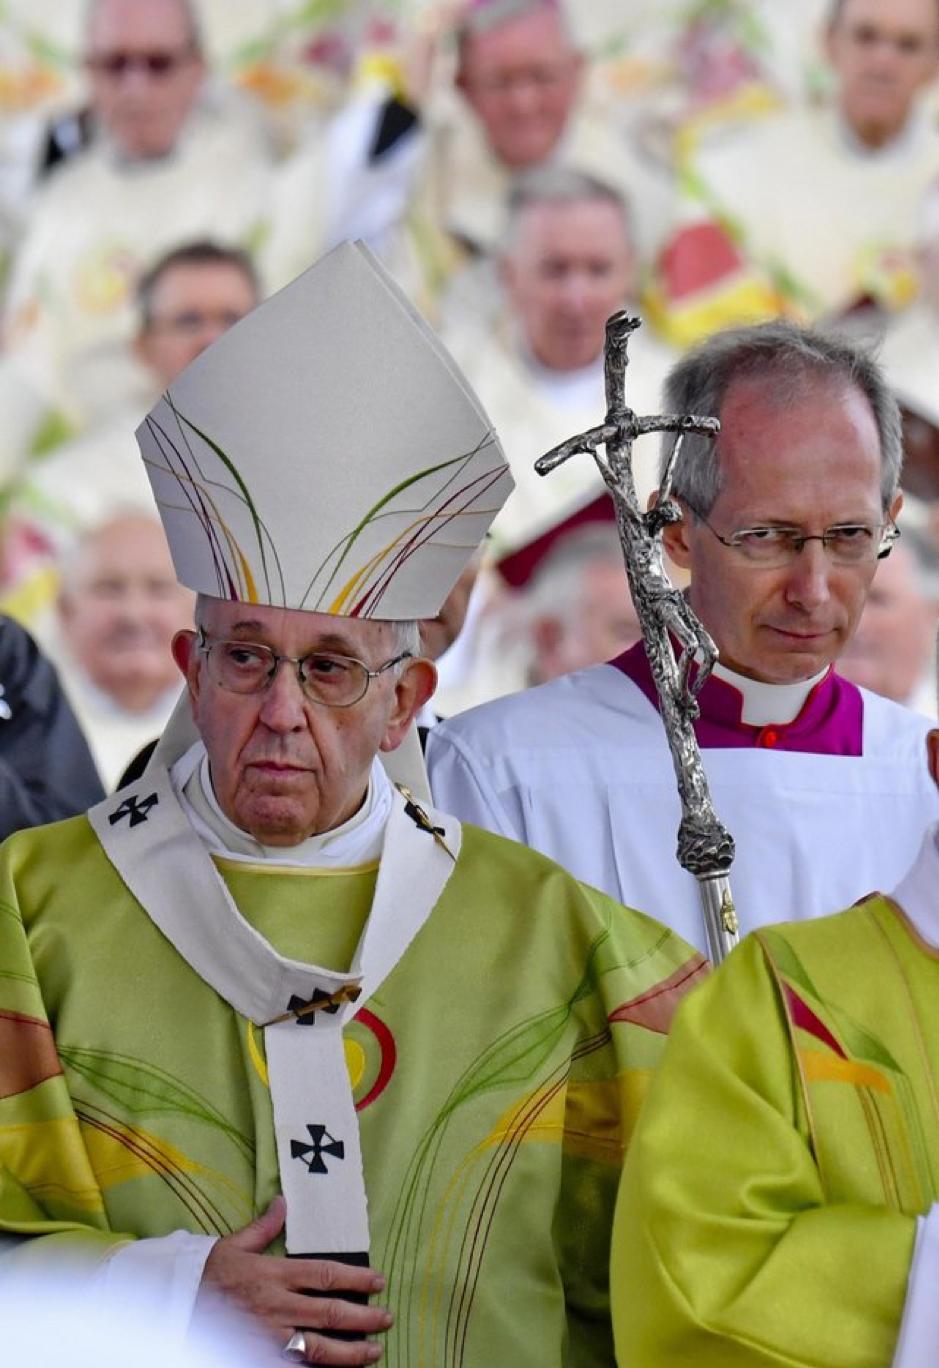 Papal Visit Fallout